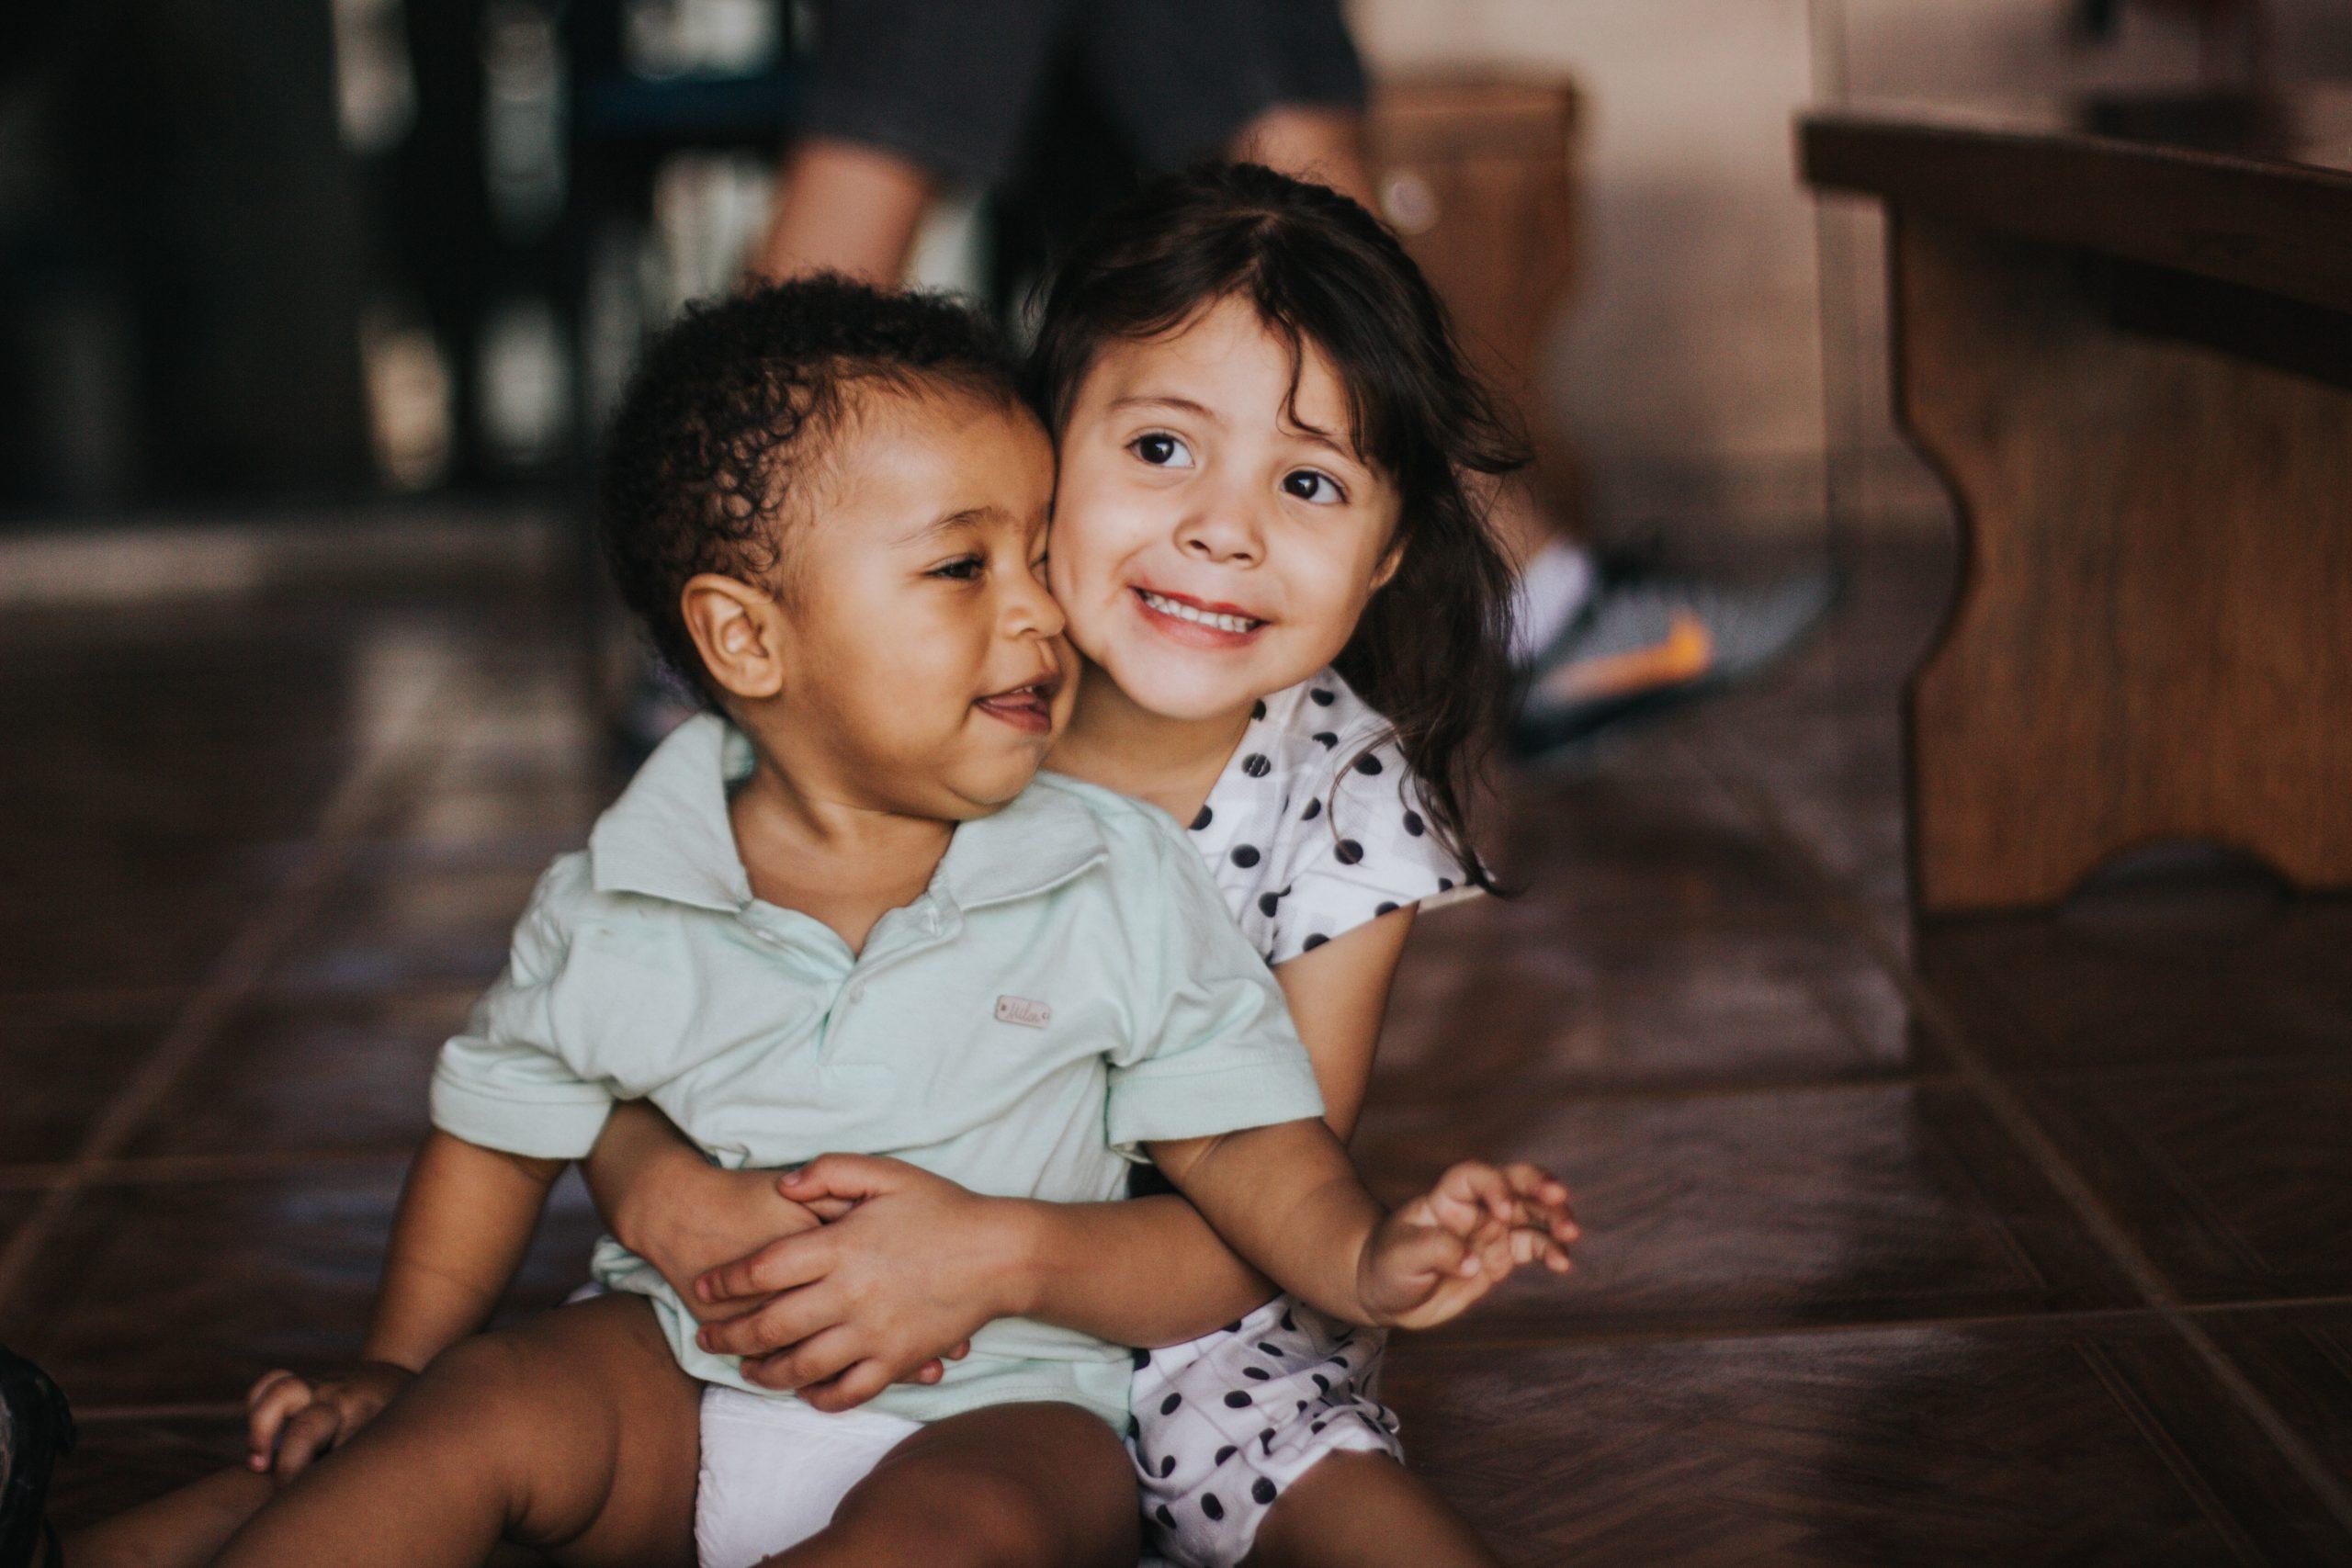 La beauté de notre société vient de sa diversité – stop aux discriminations raciales !